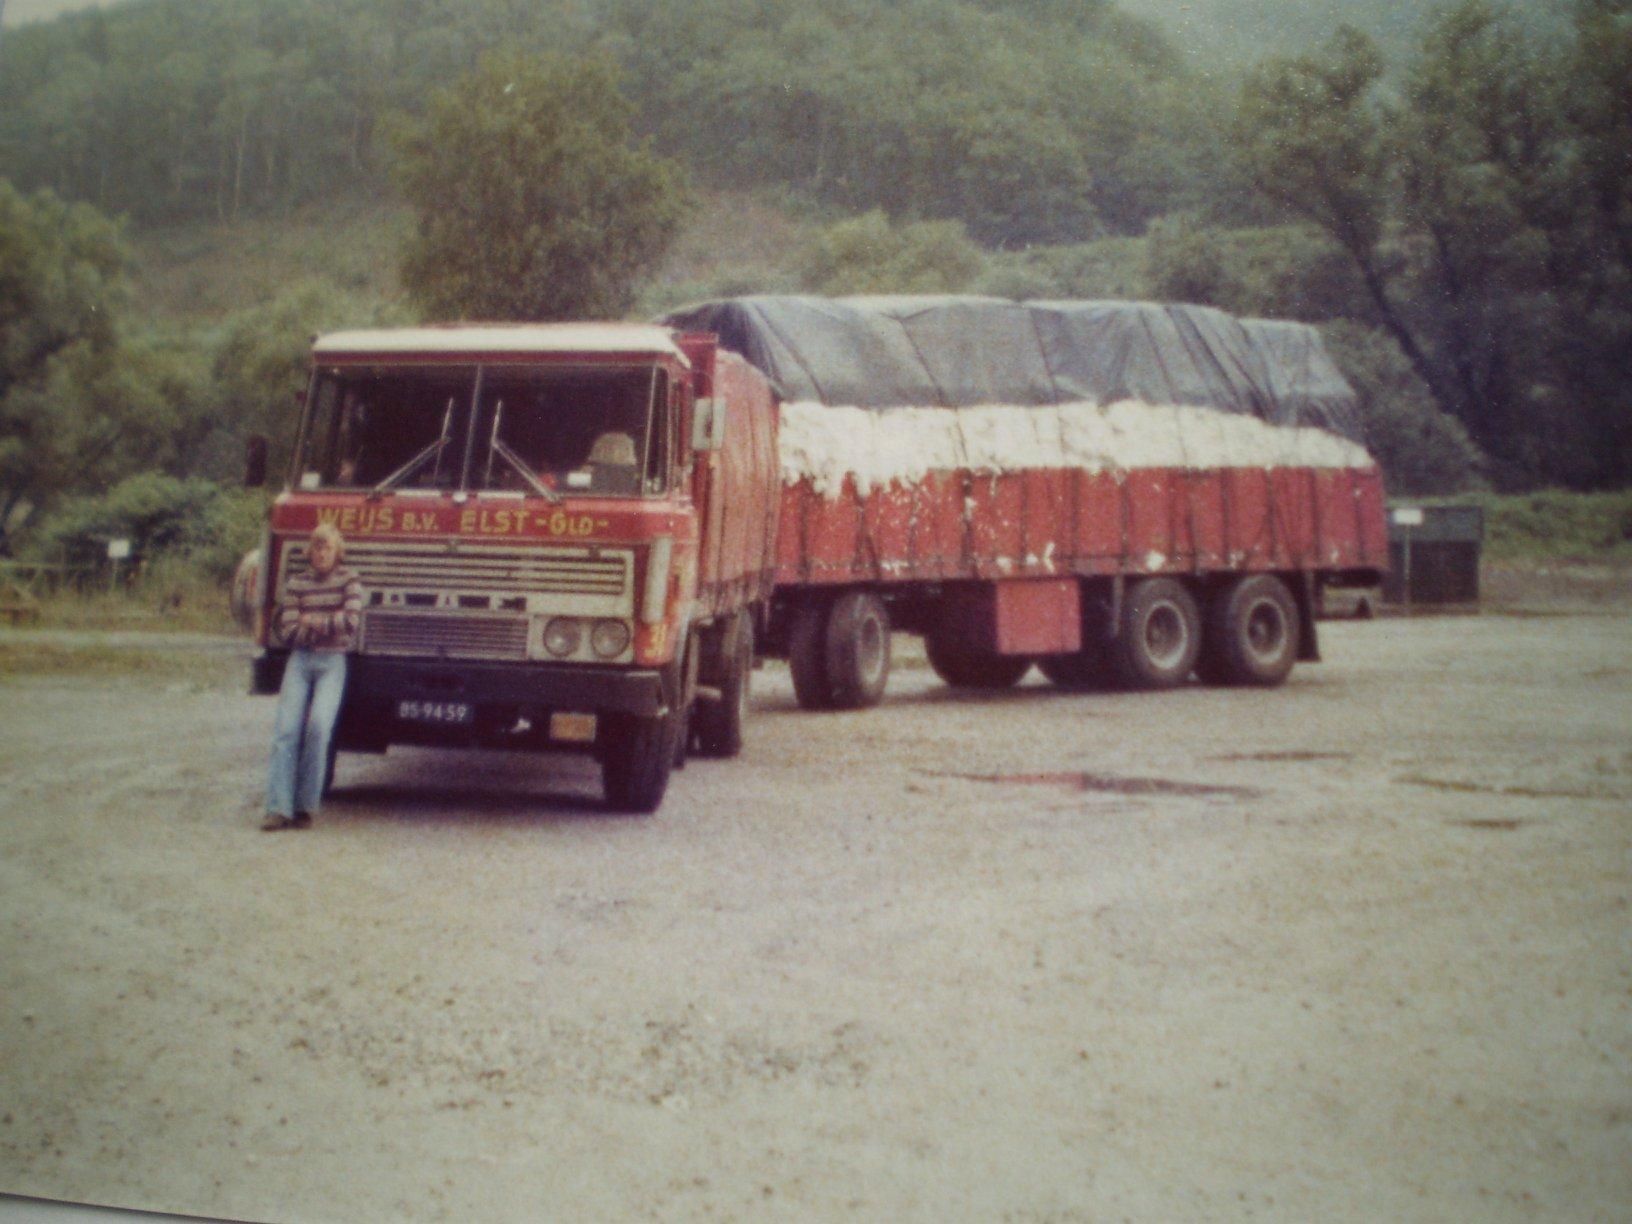 John-Hubbers--1977-Hier-combi-leren-rijden---